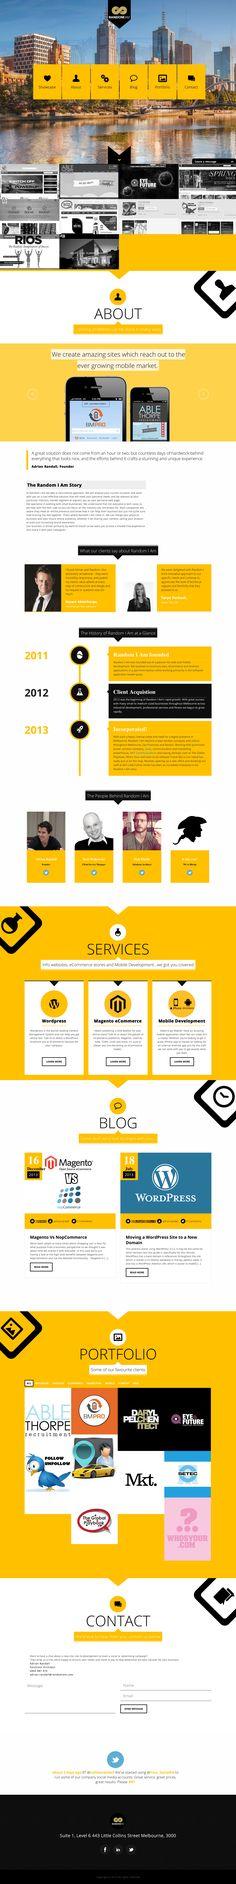 http://randomiam.com/ #webdesign